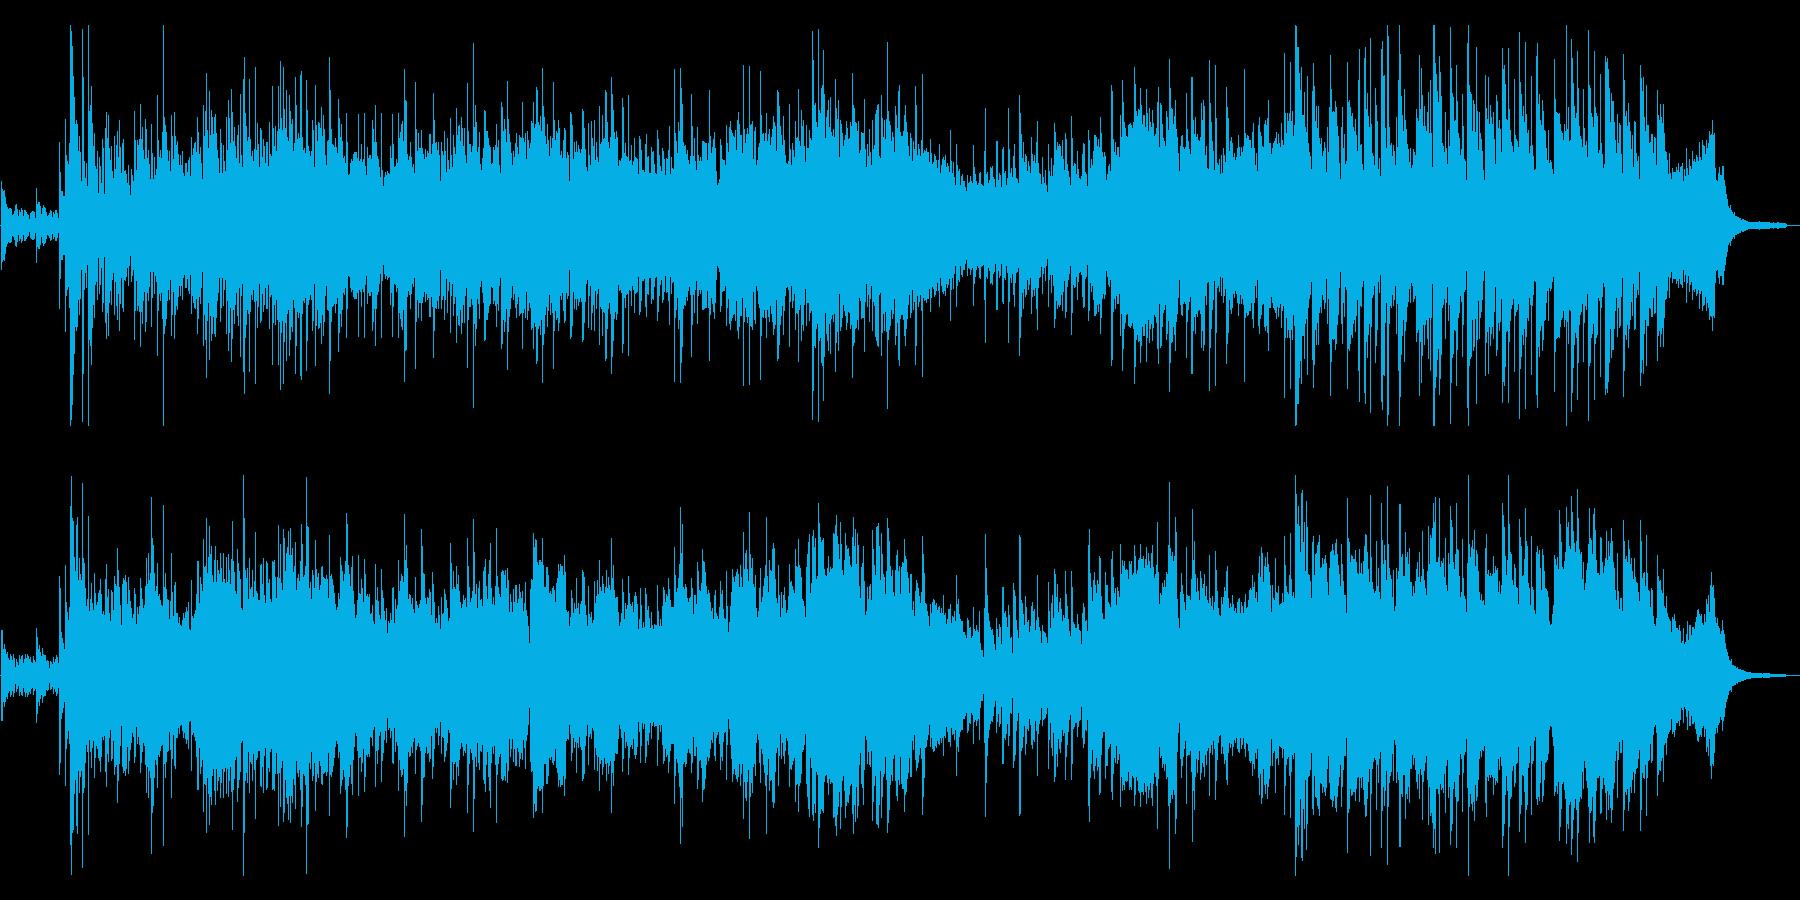 琴とヴィオラの優雅なファンタジーの再生済みの波形